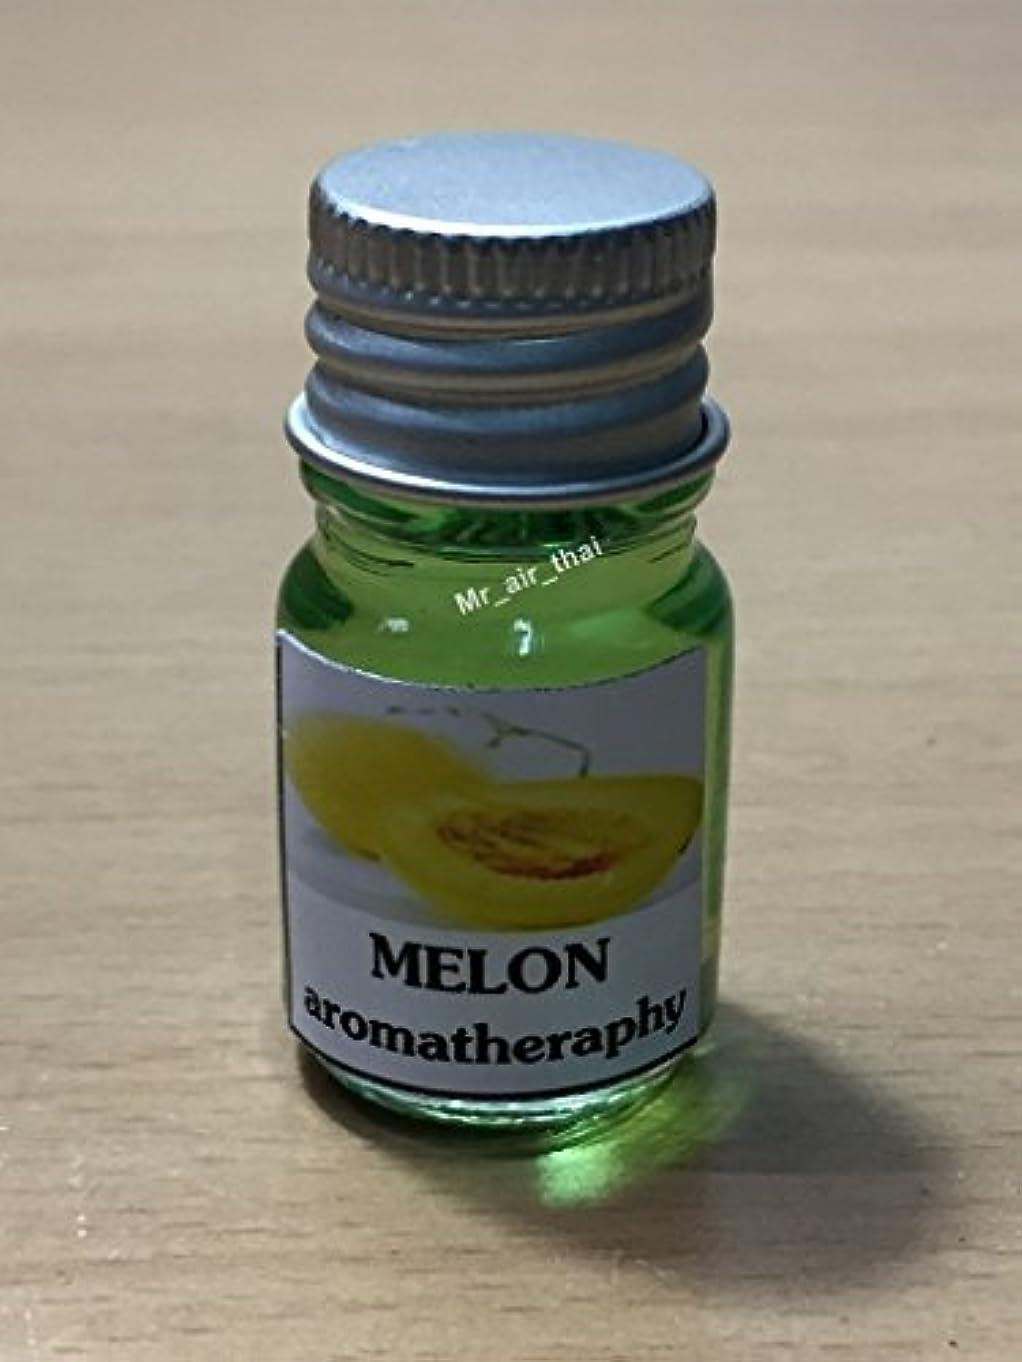 グリースビールターゲット5ミリリットルアロマメロンフランクインセンスエッセンシャルオイルボトルアロマテラピーオイル自然自然5ml Aroma Melon Frankincense Essential Oil Bottles Aromatherapy...